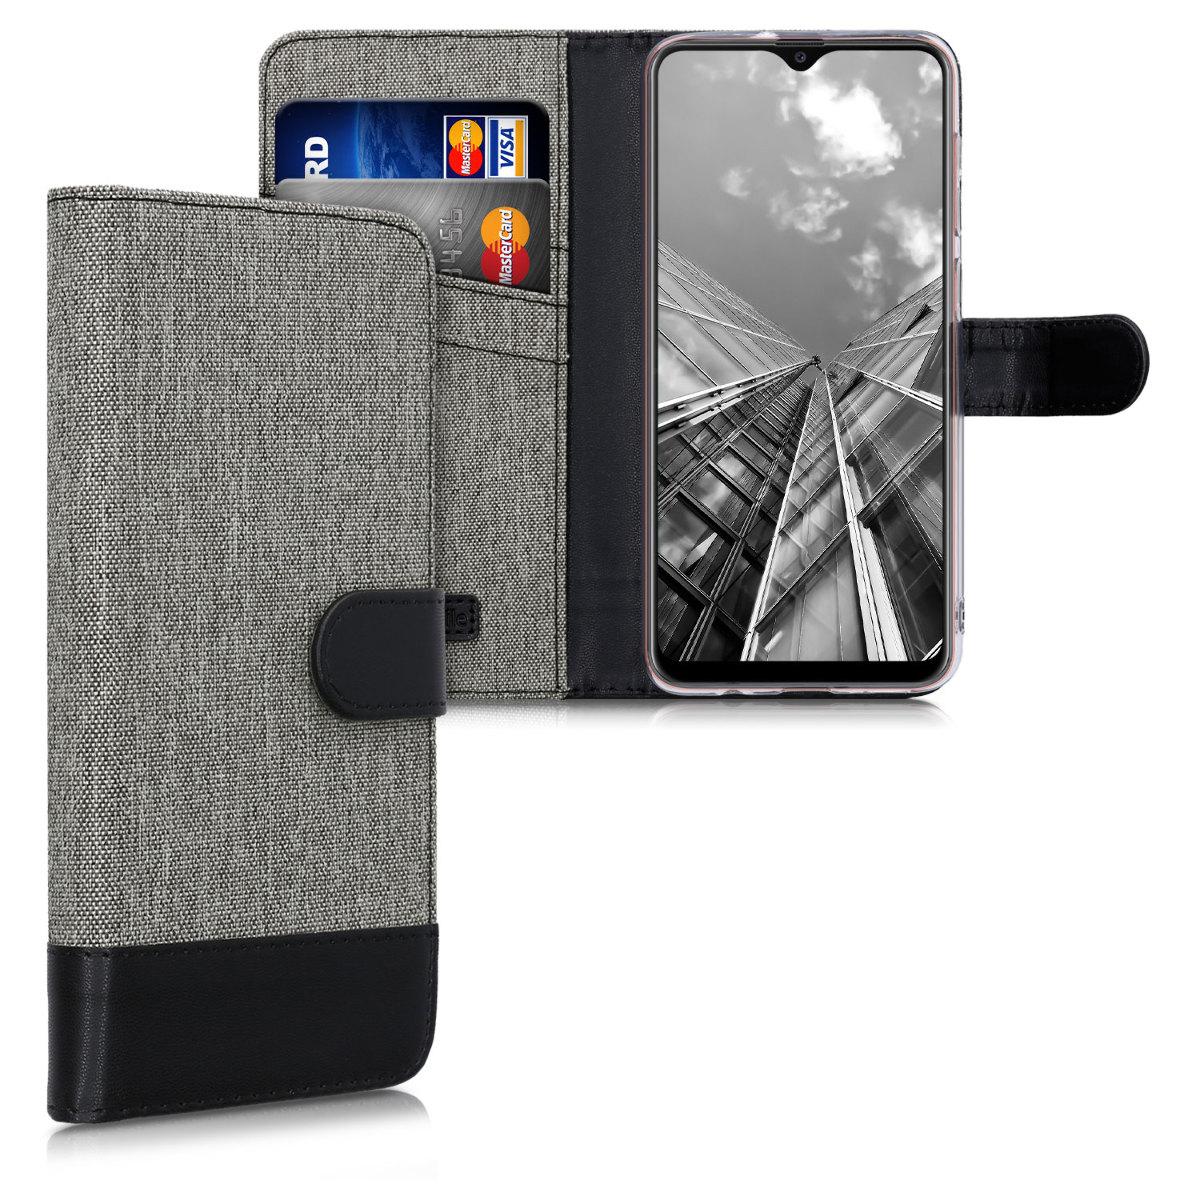 Fabricpouzdro pro Samsung A20 - šedé / černé